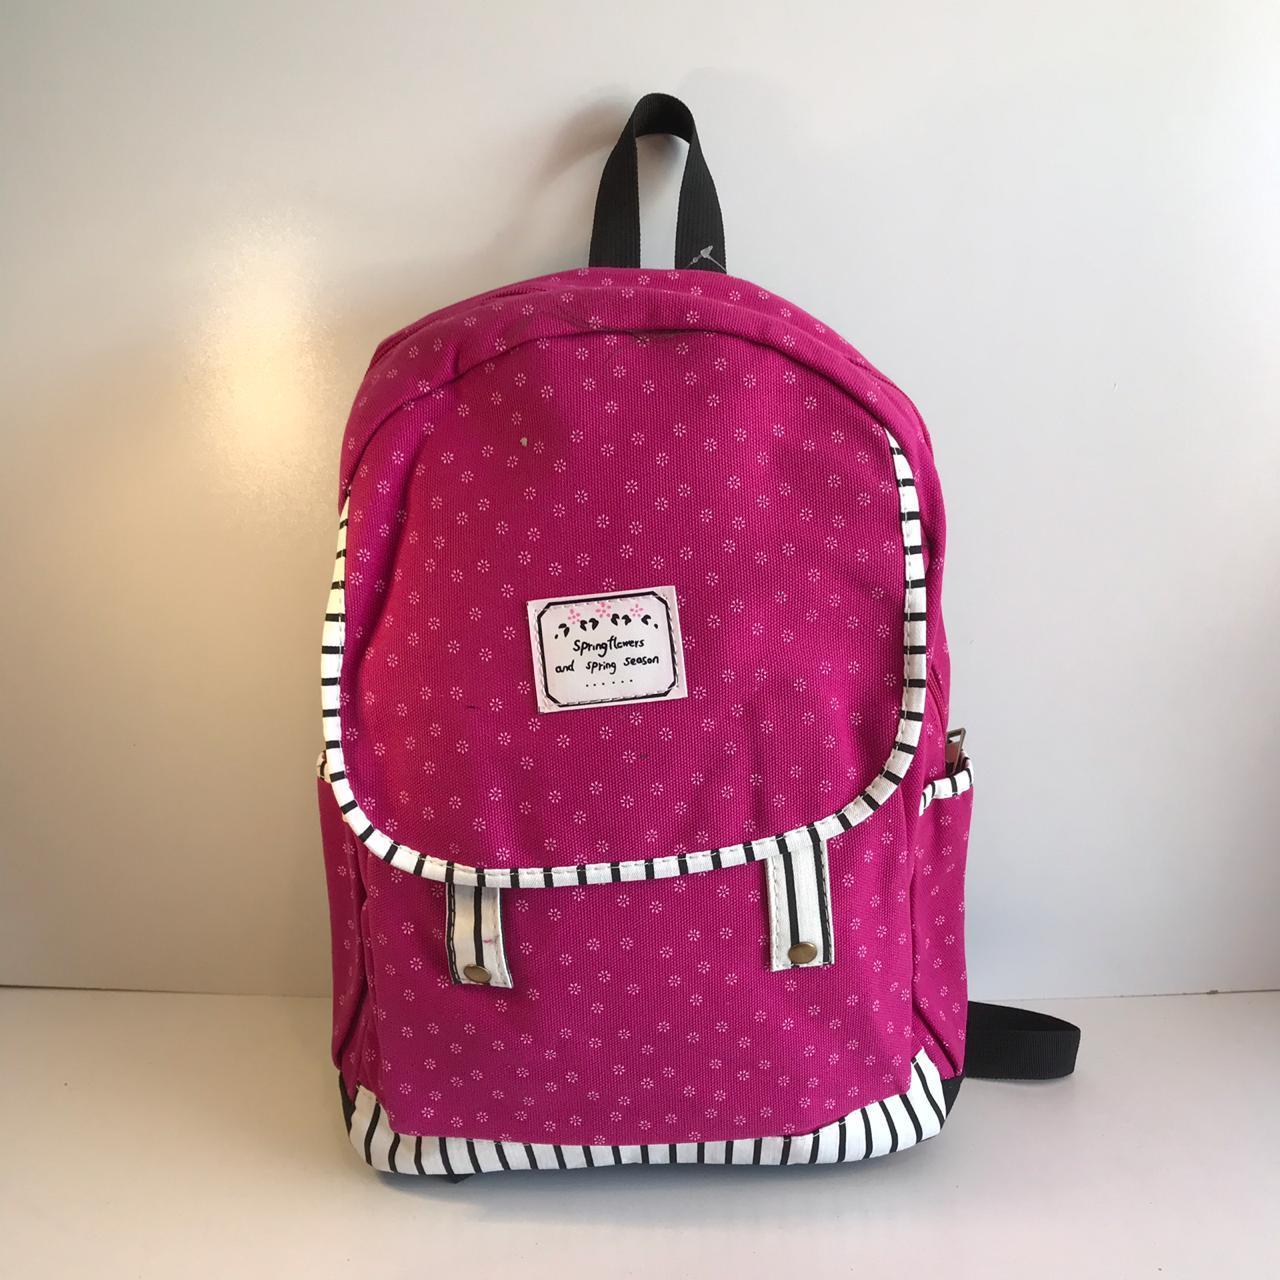 c4046c7c8907 Женский тканевый рюкзак розовый, цена 340 грн., купить в Одессе ...